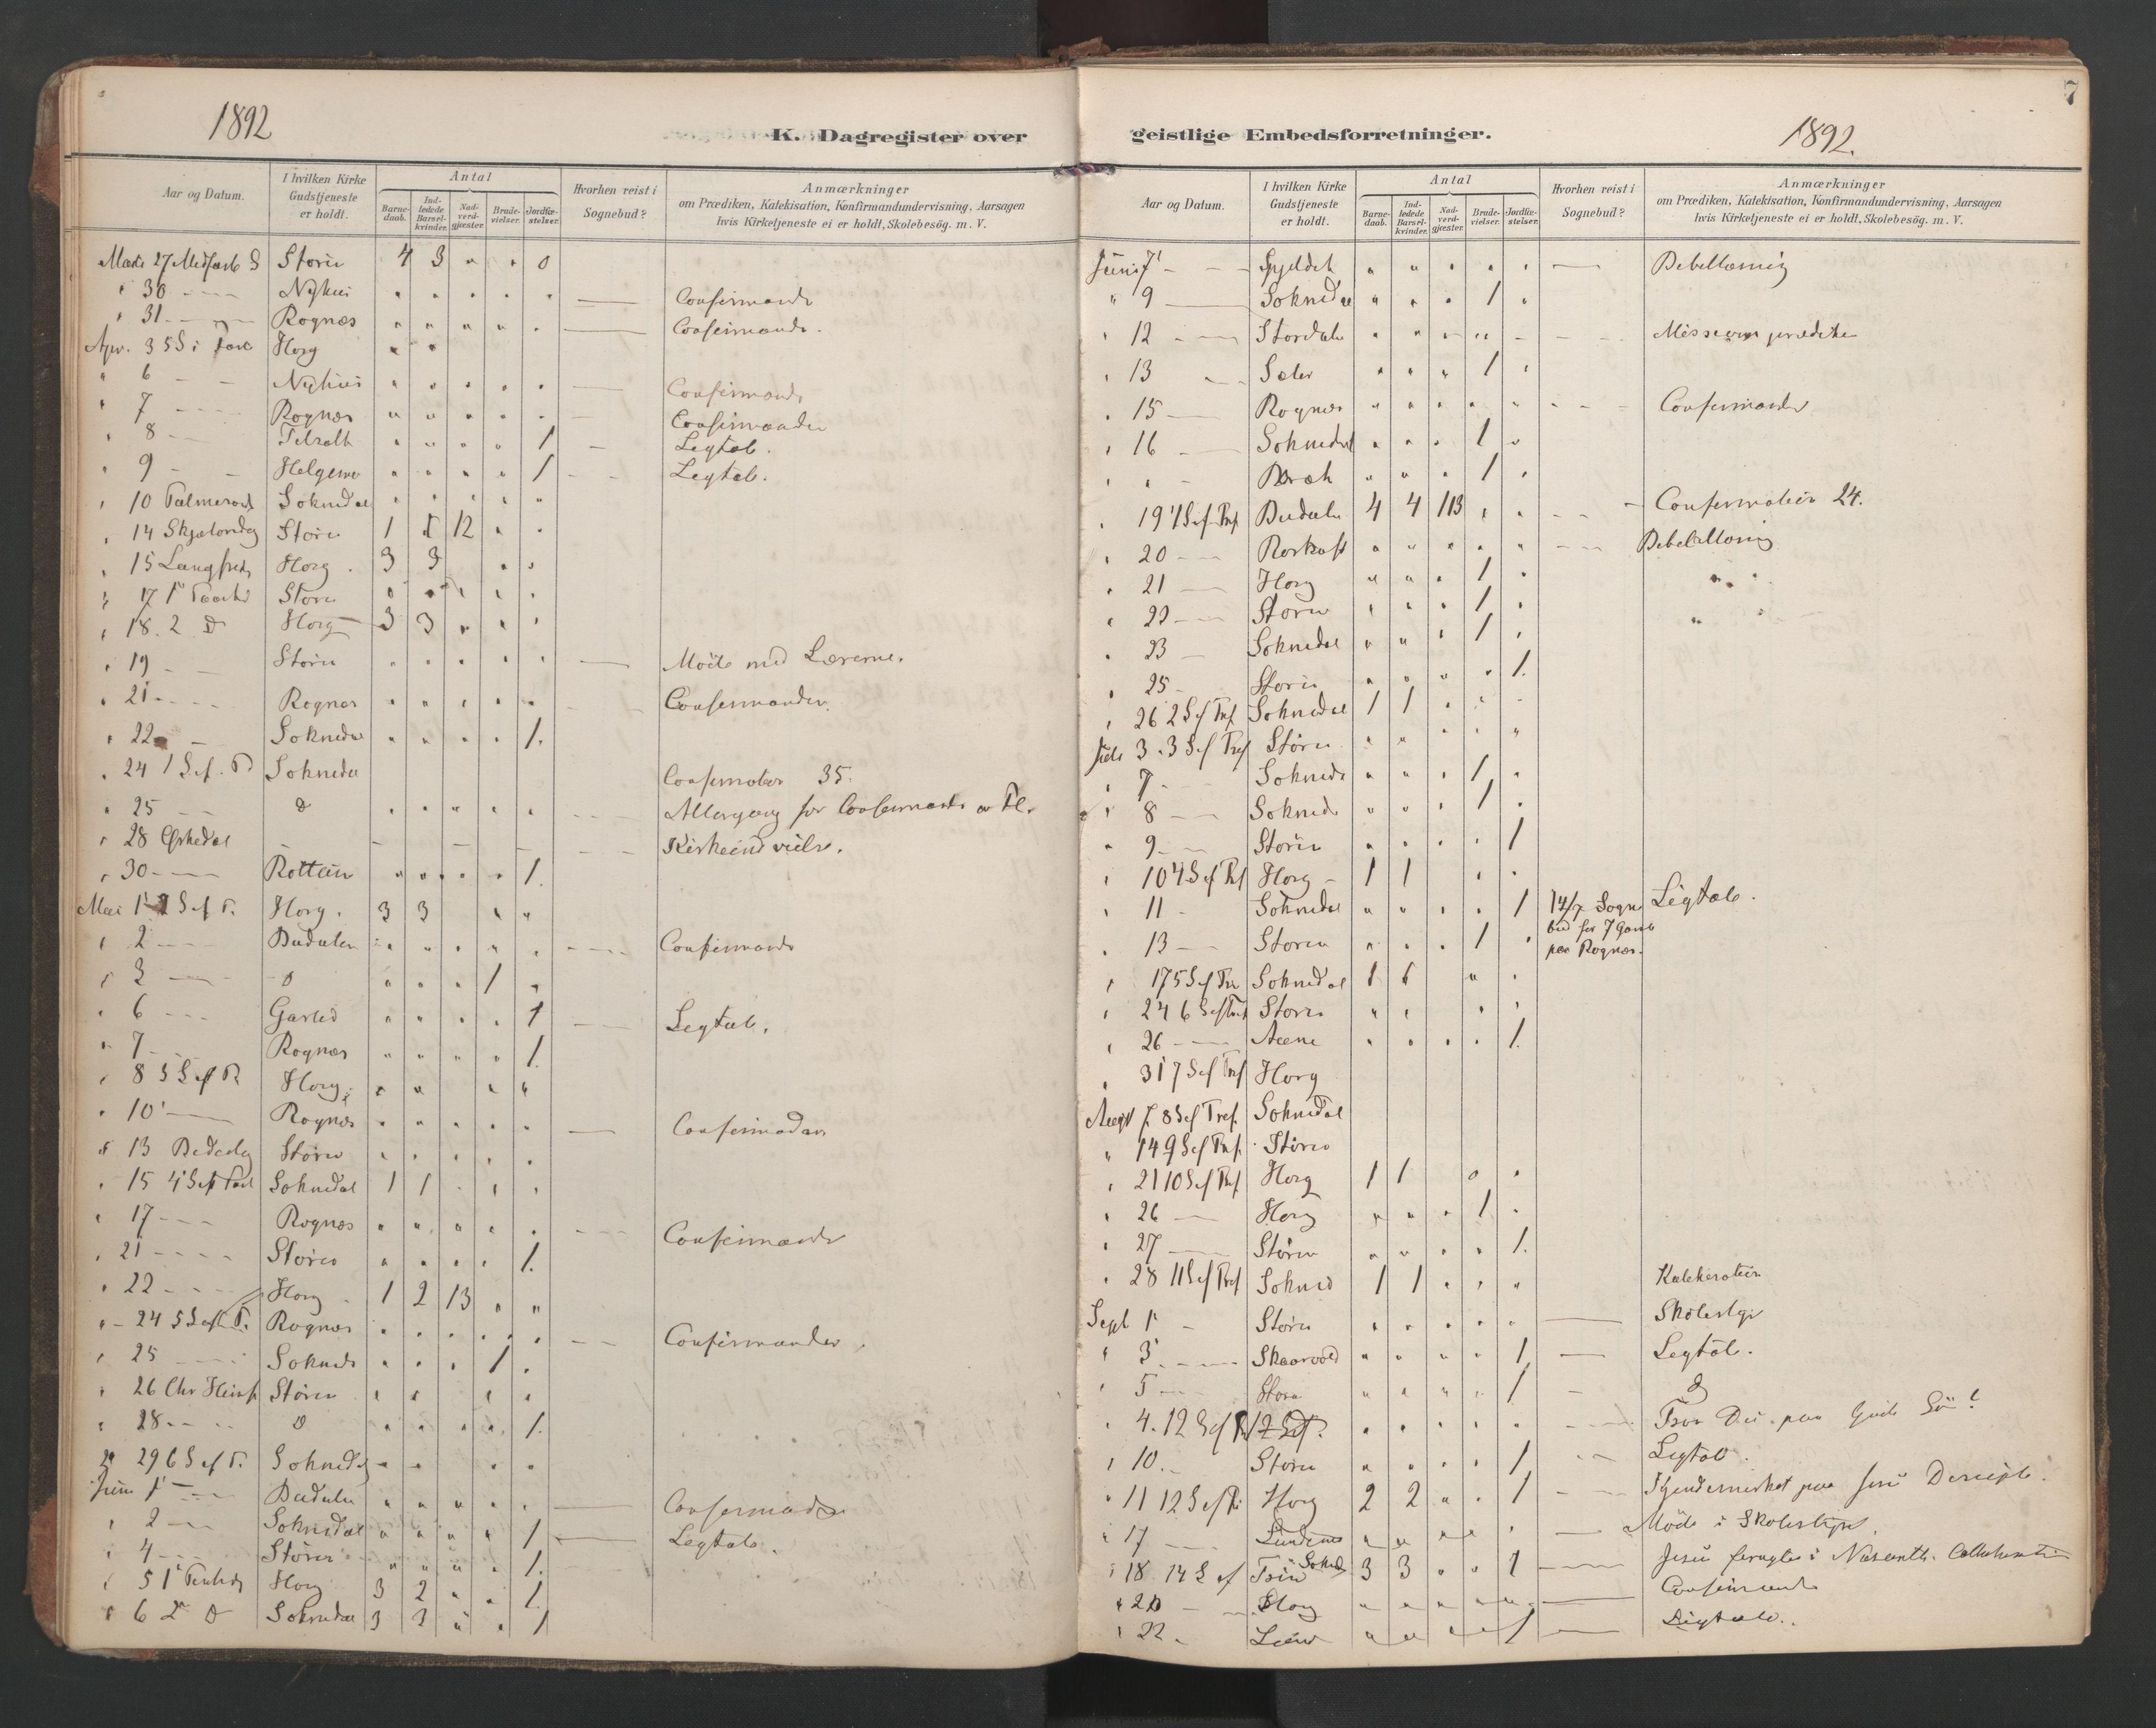 SAT, Ministerialprotokoller, klokkerbøker og fødselsregistre - Sør-Trøndelag, 687/L1005: Dagregister nr. 687A11, 1891-1912, s. 7